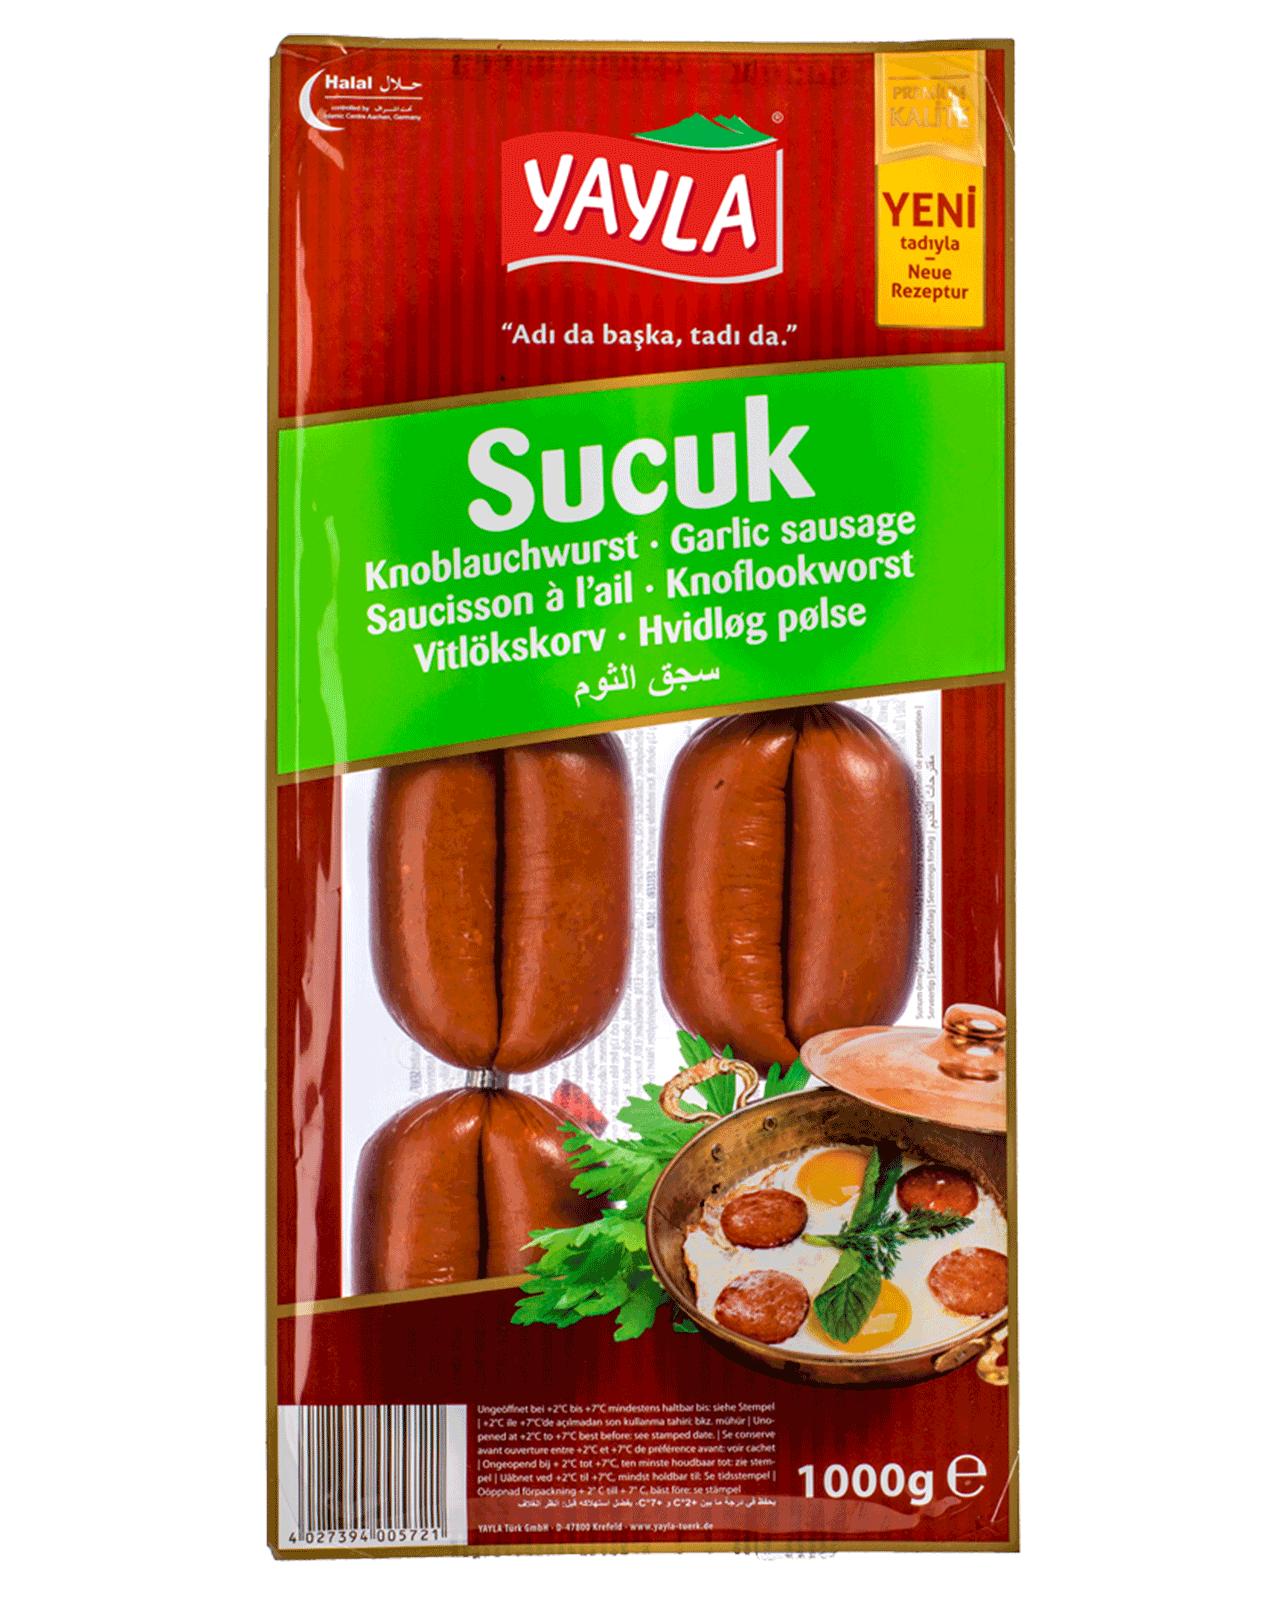 Yayla | Sucuk – Knoblauchwurst